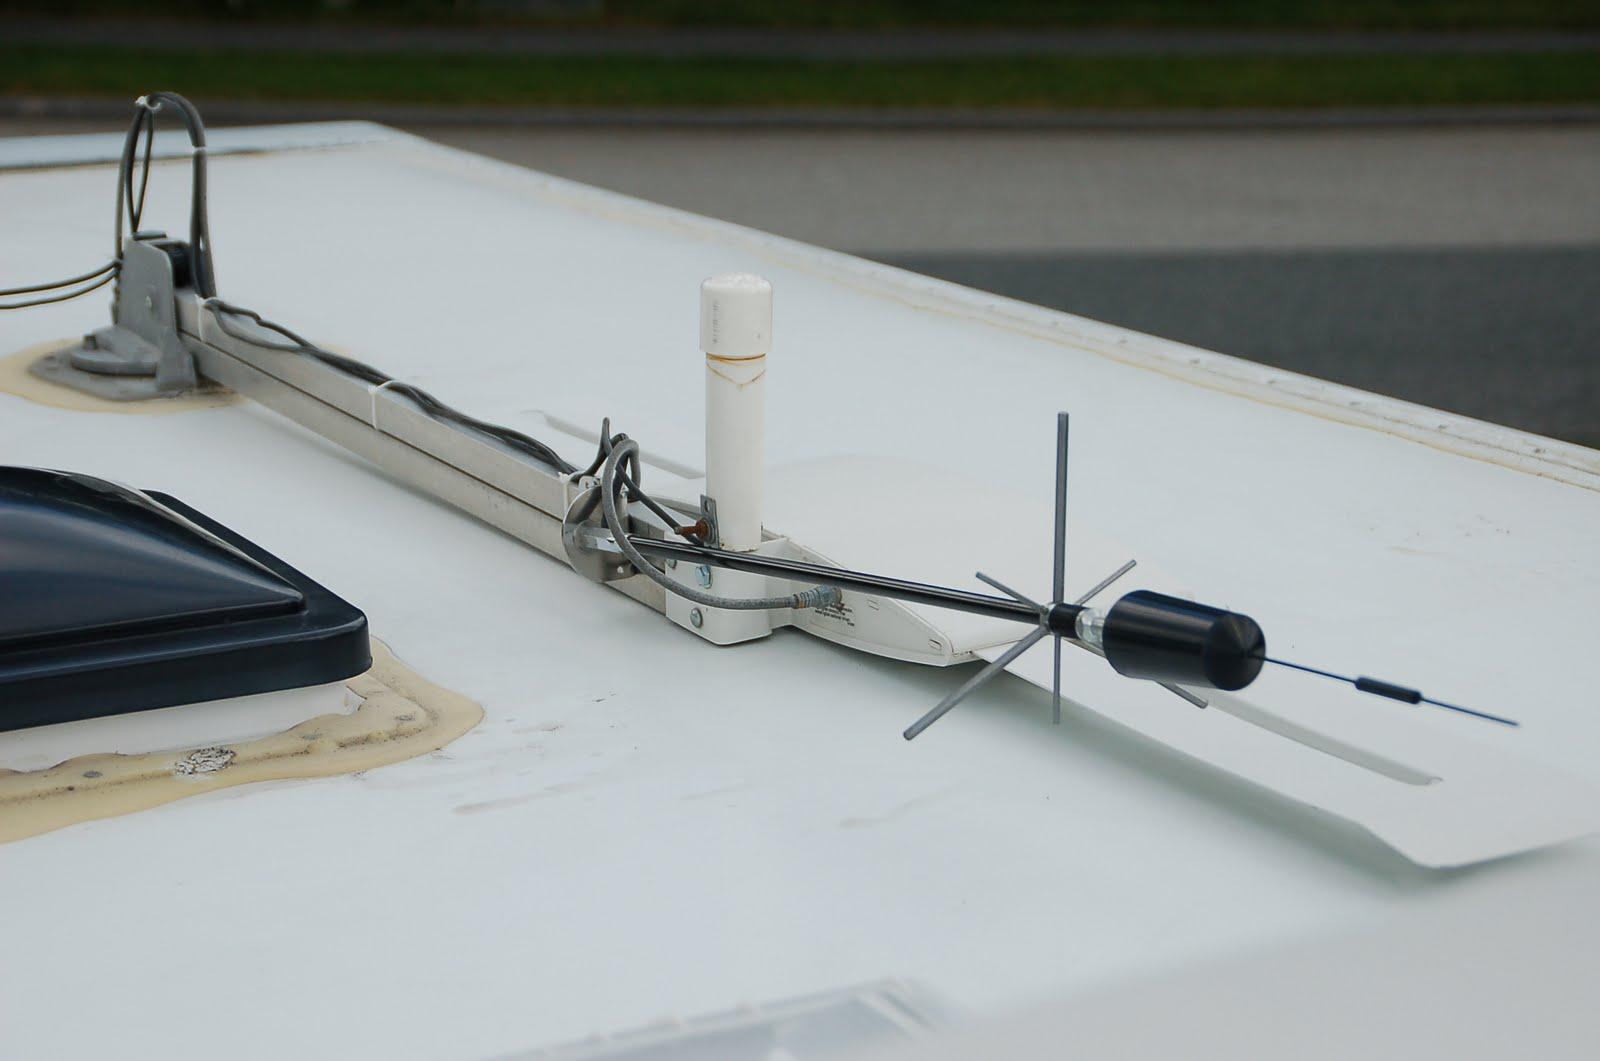 The Lazy Daze Companion Roof Antennas